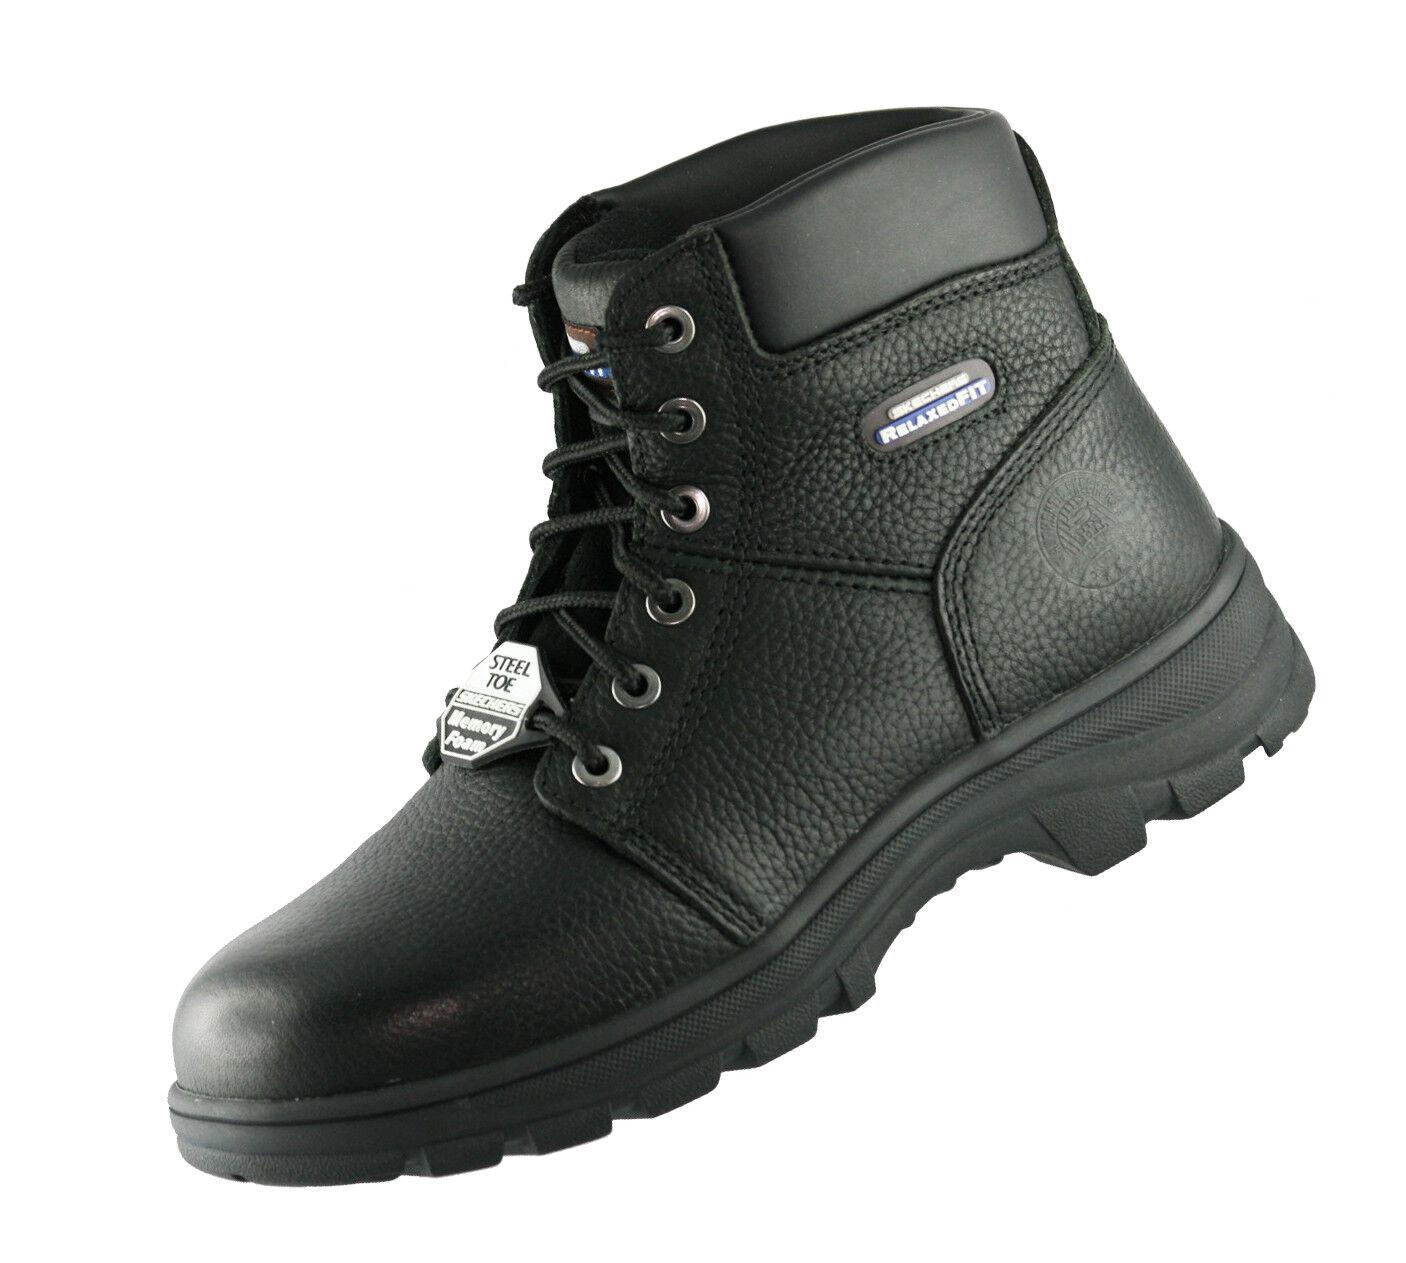 Skechers BLK Workshire Sicherheitsschuhe 77009EC schwarz BLK Skechers Stiefel Arbeitsschuhe d51649